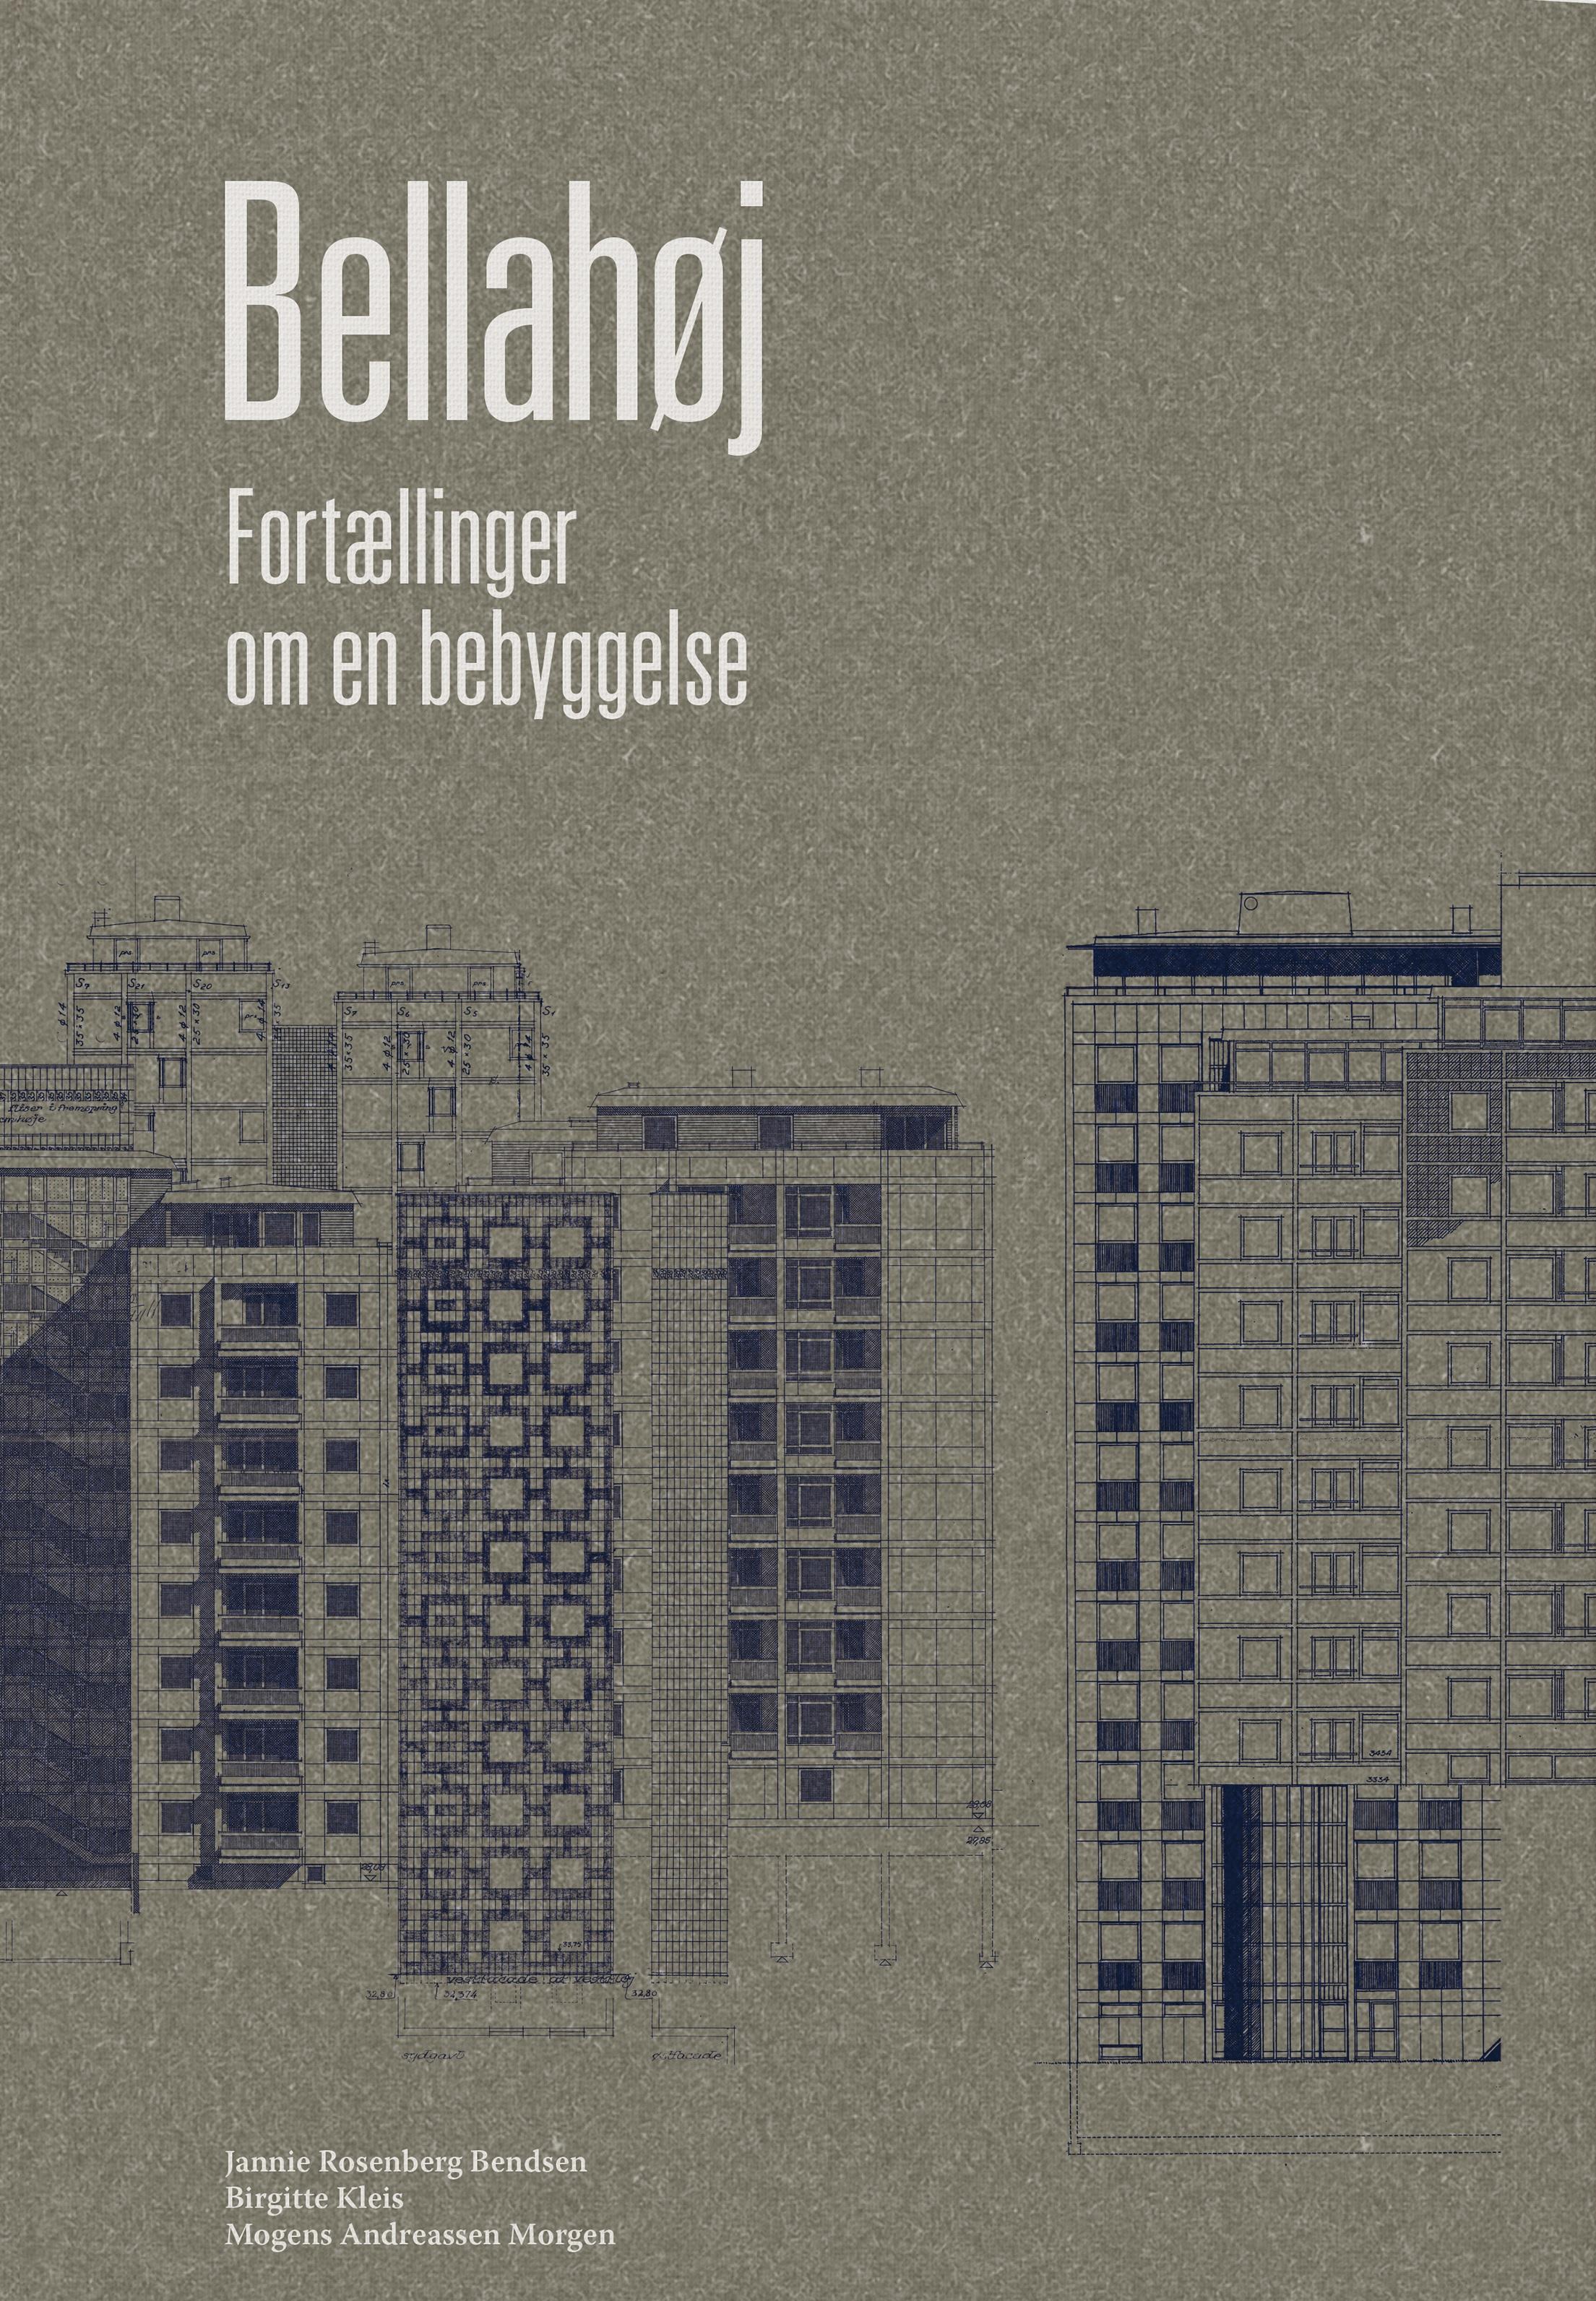 Bellahøj – Fortællinger om en bebyggelse